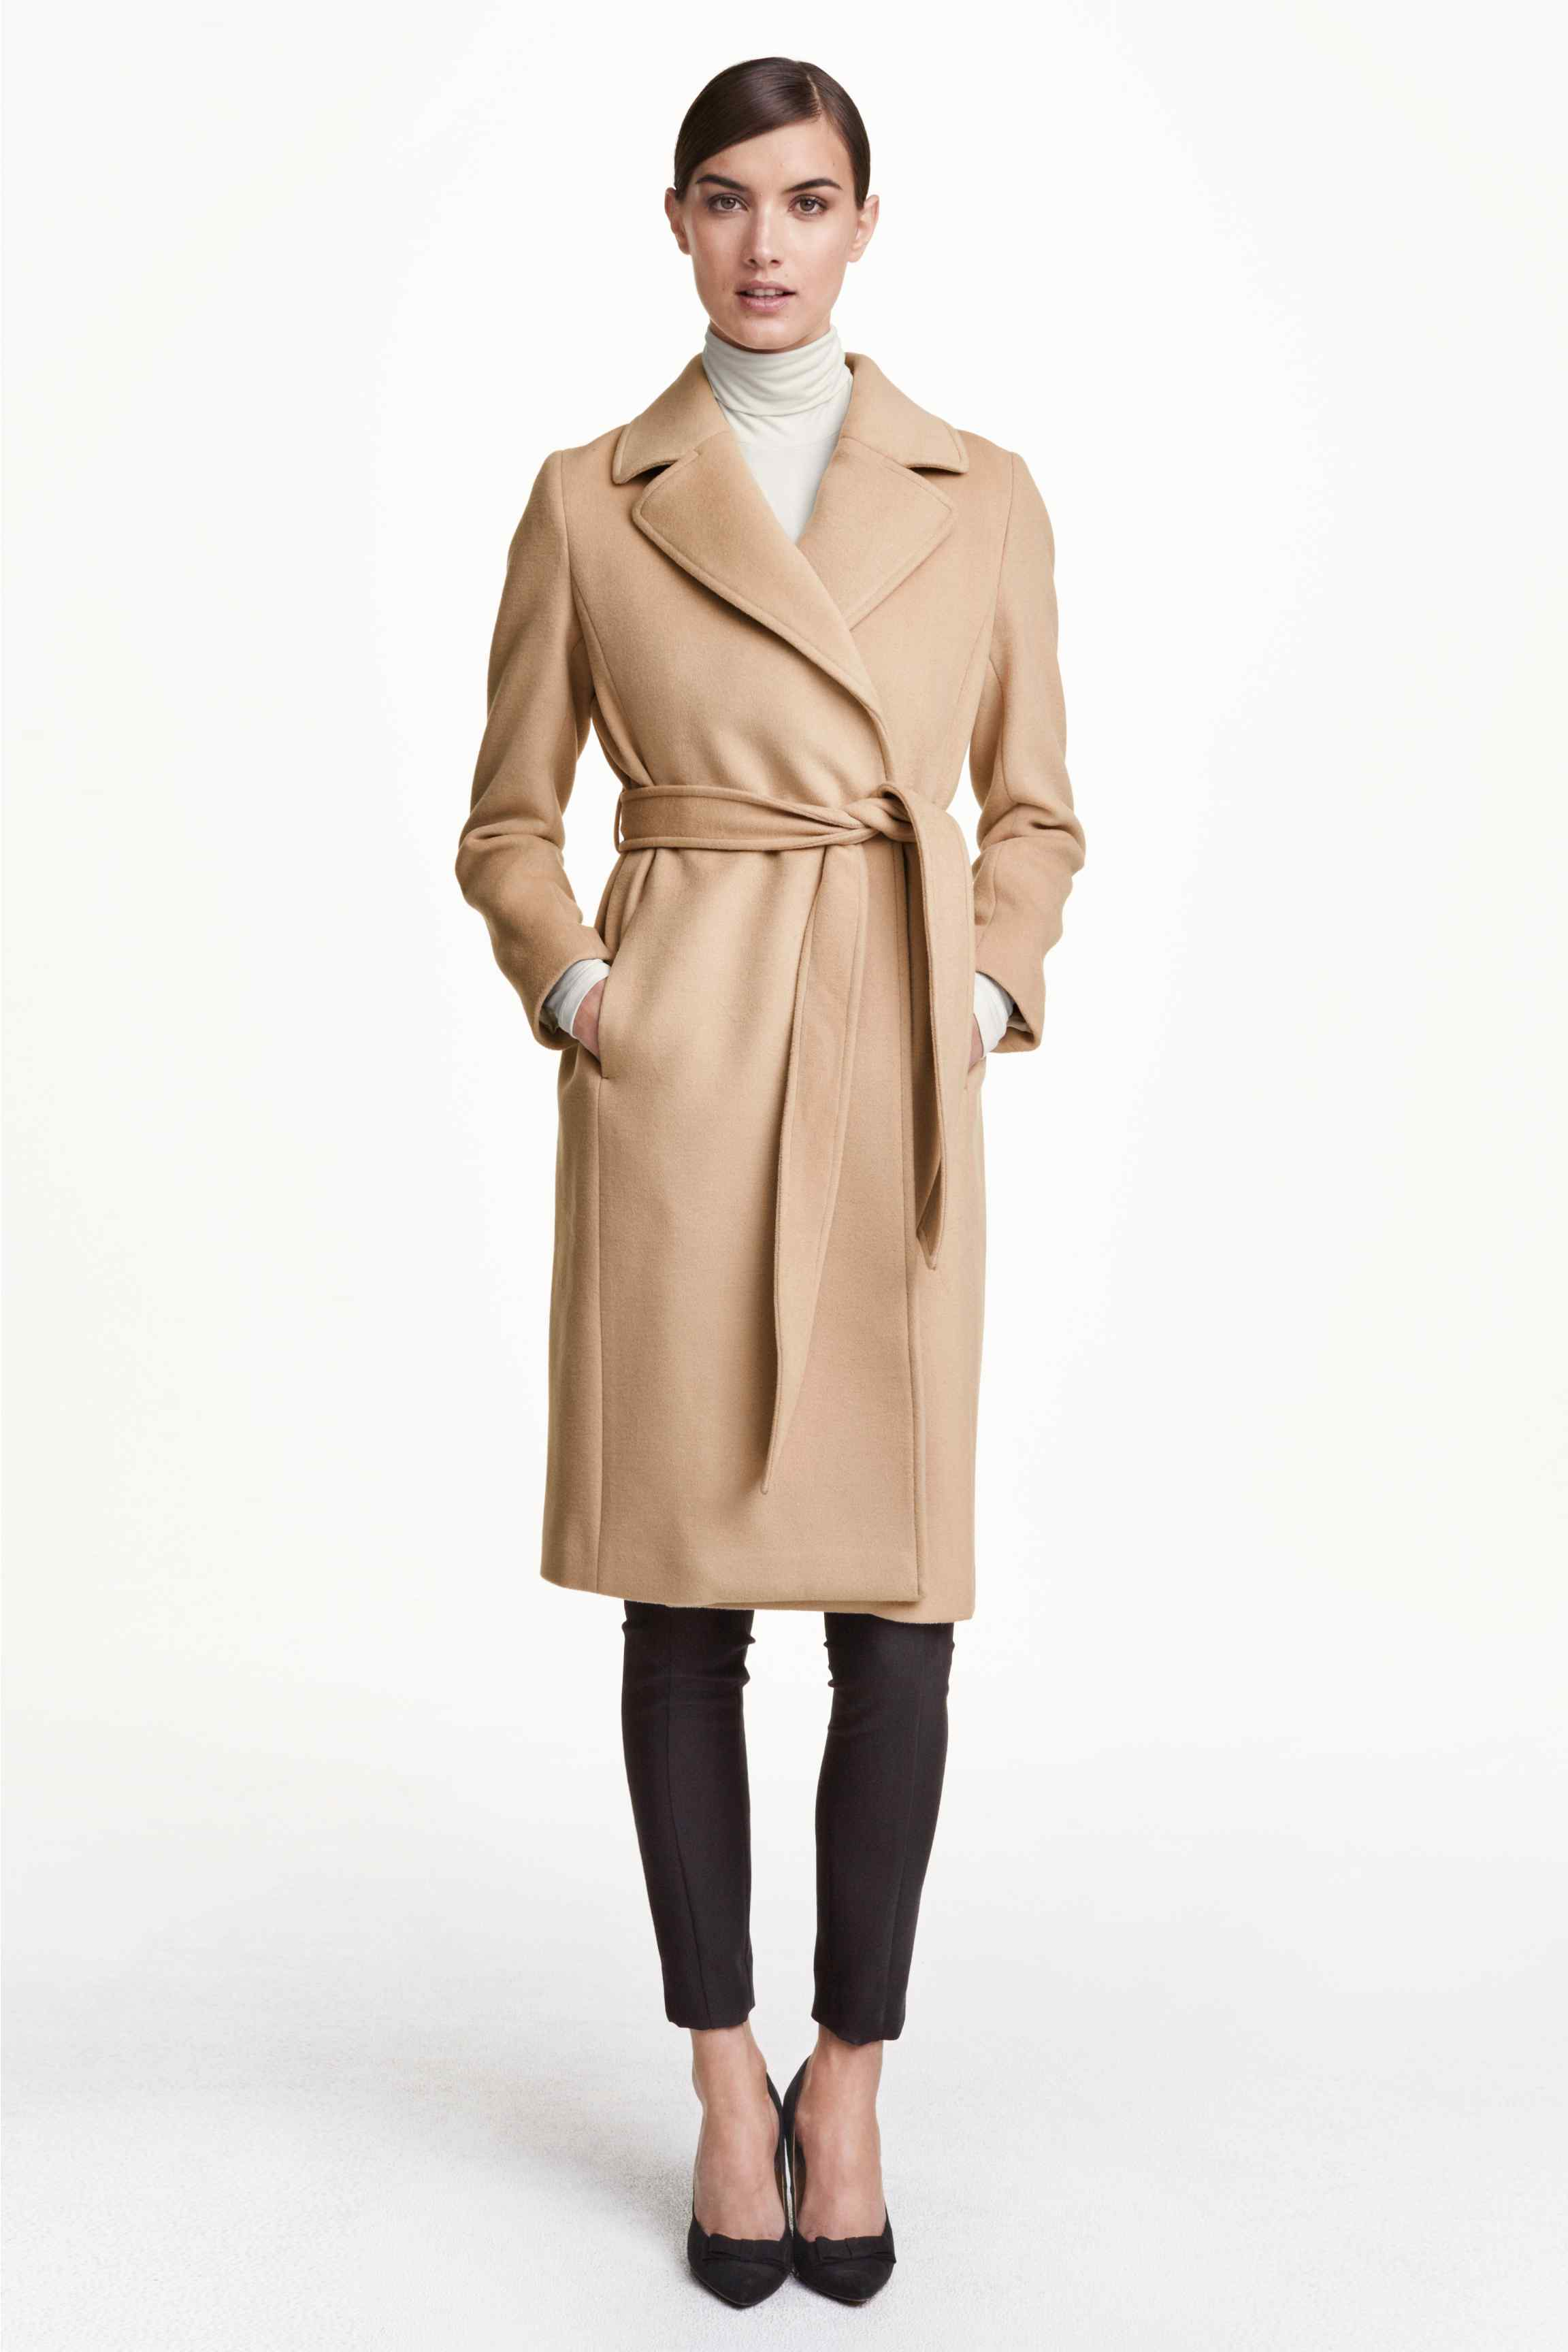 29_Trench pesante H&M, leggermente sciancrato in feltro di misto lana. Cintura da allacciare in vita, tasche nelle cuciture laterali (99 € sullo store online)